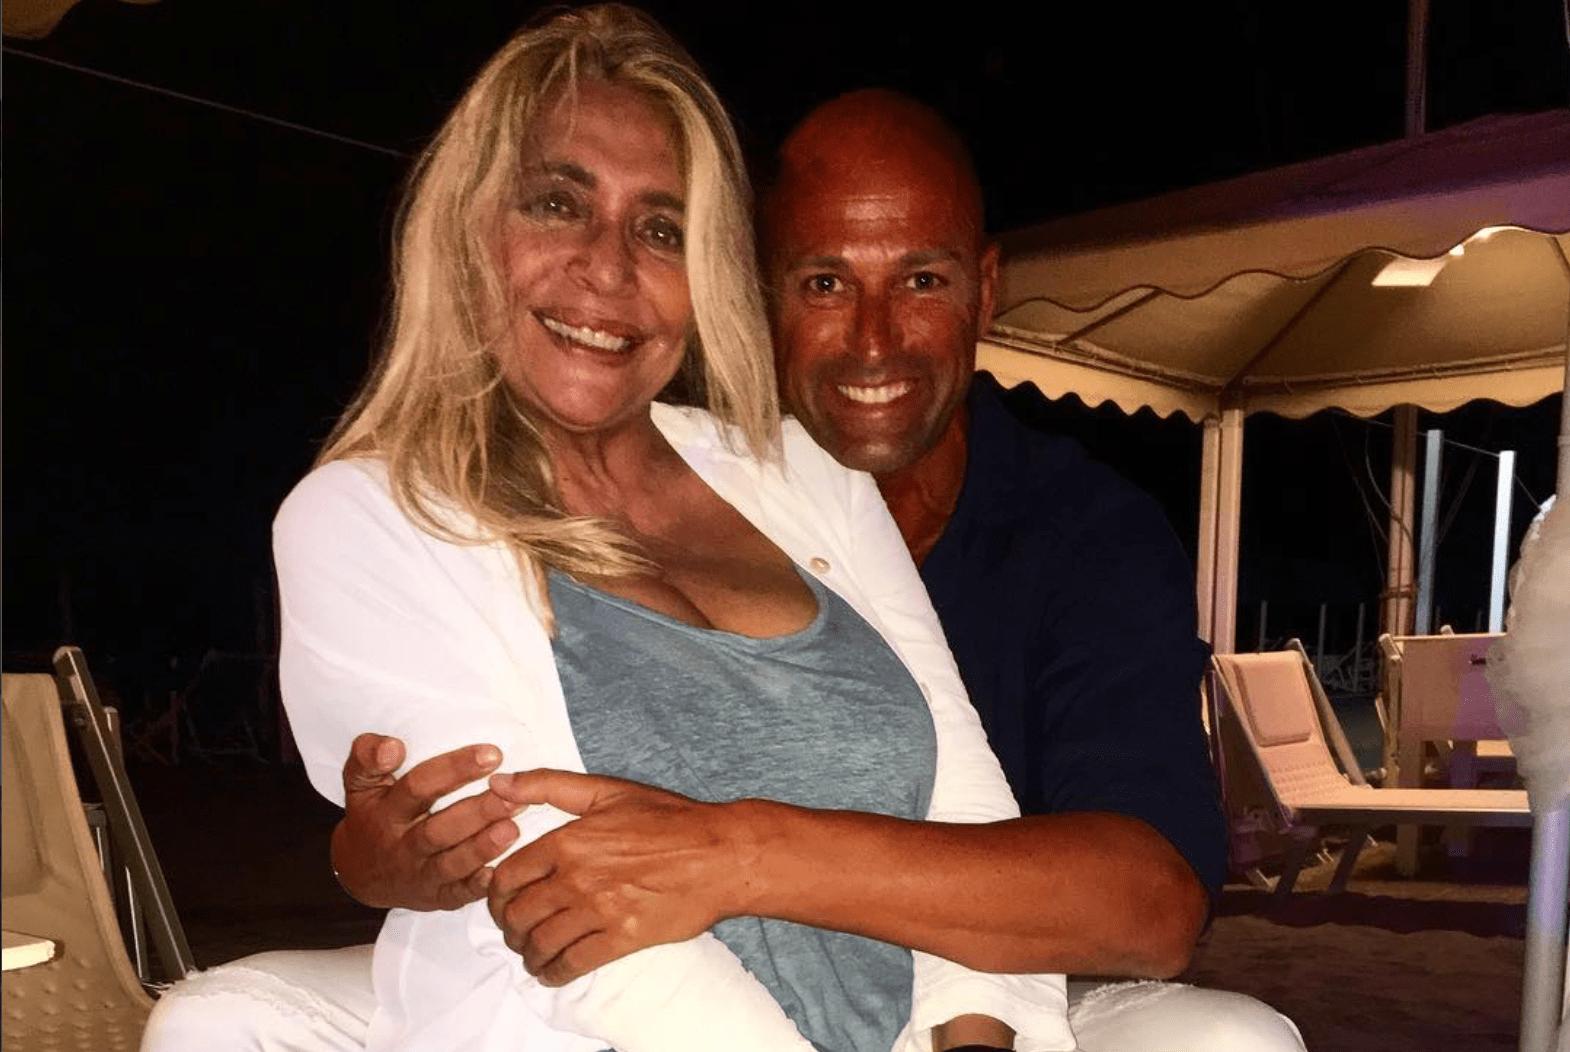 Stefano Bettarini e Mara Venier abbracciati a Milano: cosa penserà Simona Ventura?